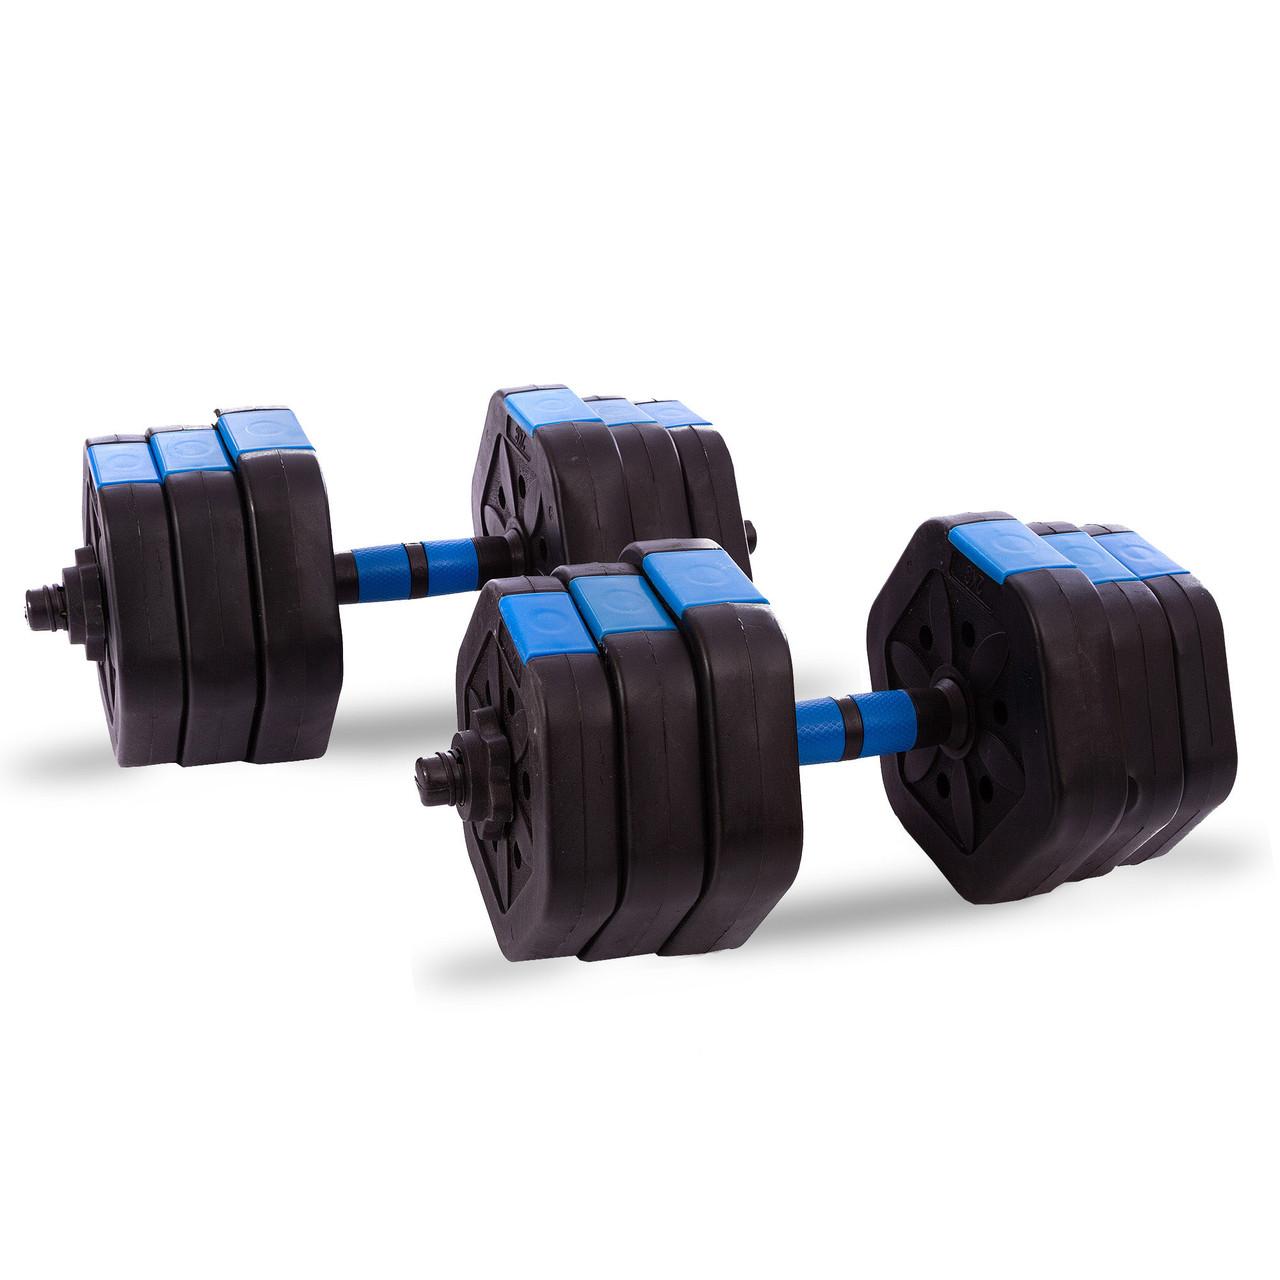 Гантели разборные (2шт) пластиковые, набор 20 кг TA-1826-20 + удлинитель